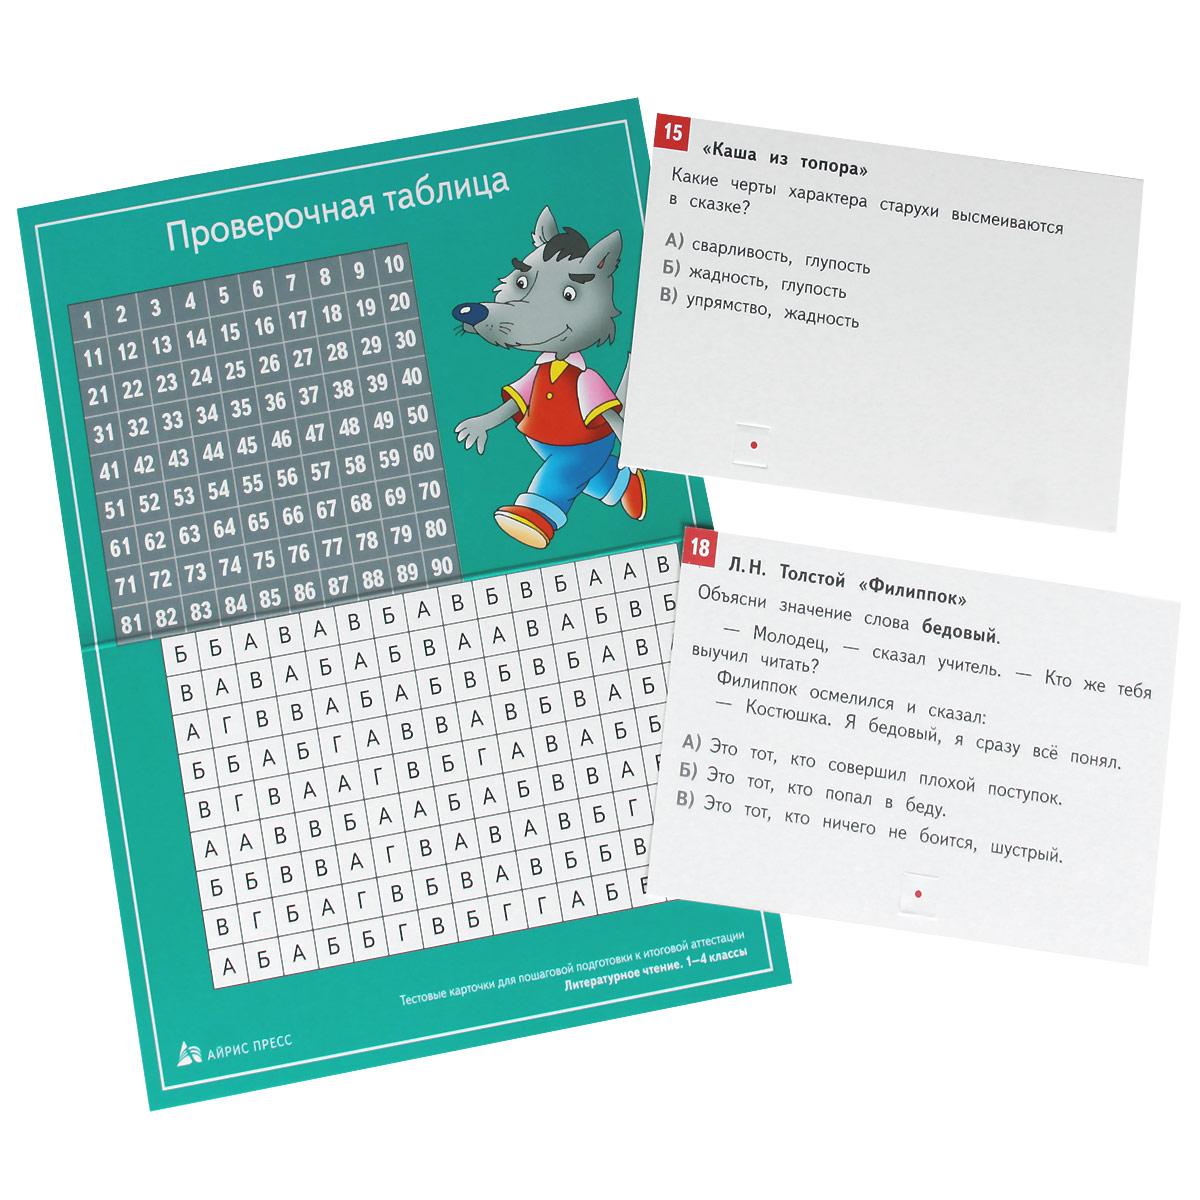 Купить чтение классы Тексты для проверки техники и   Изображение товара Литературное чтение 1 4 классы комплект из 90 тестовых карточек